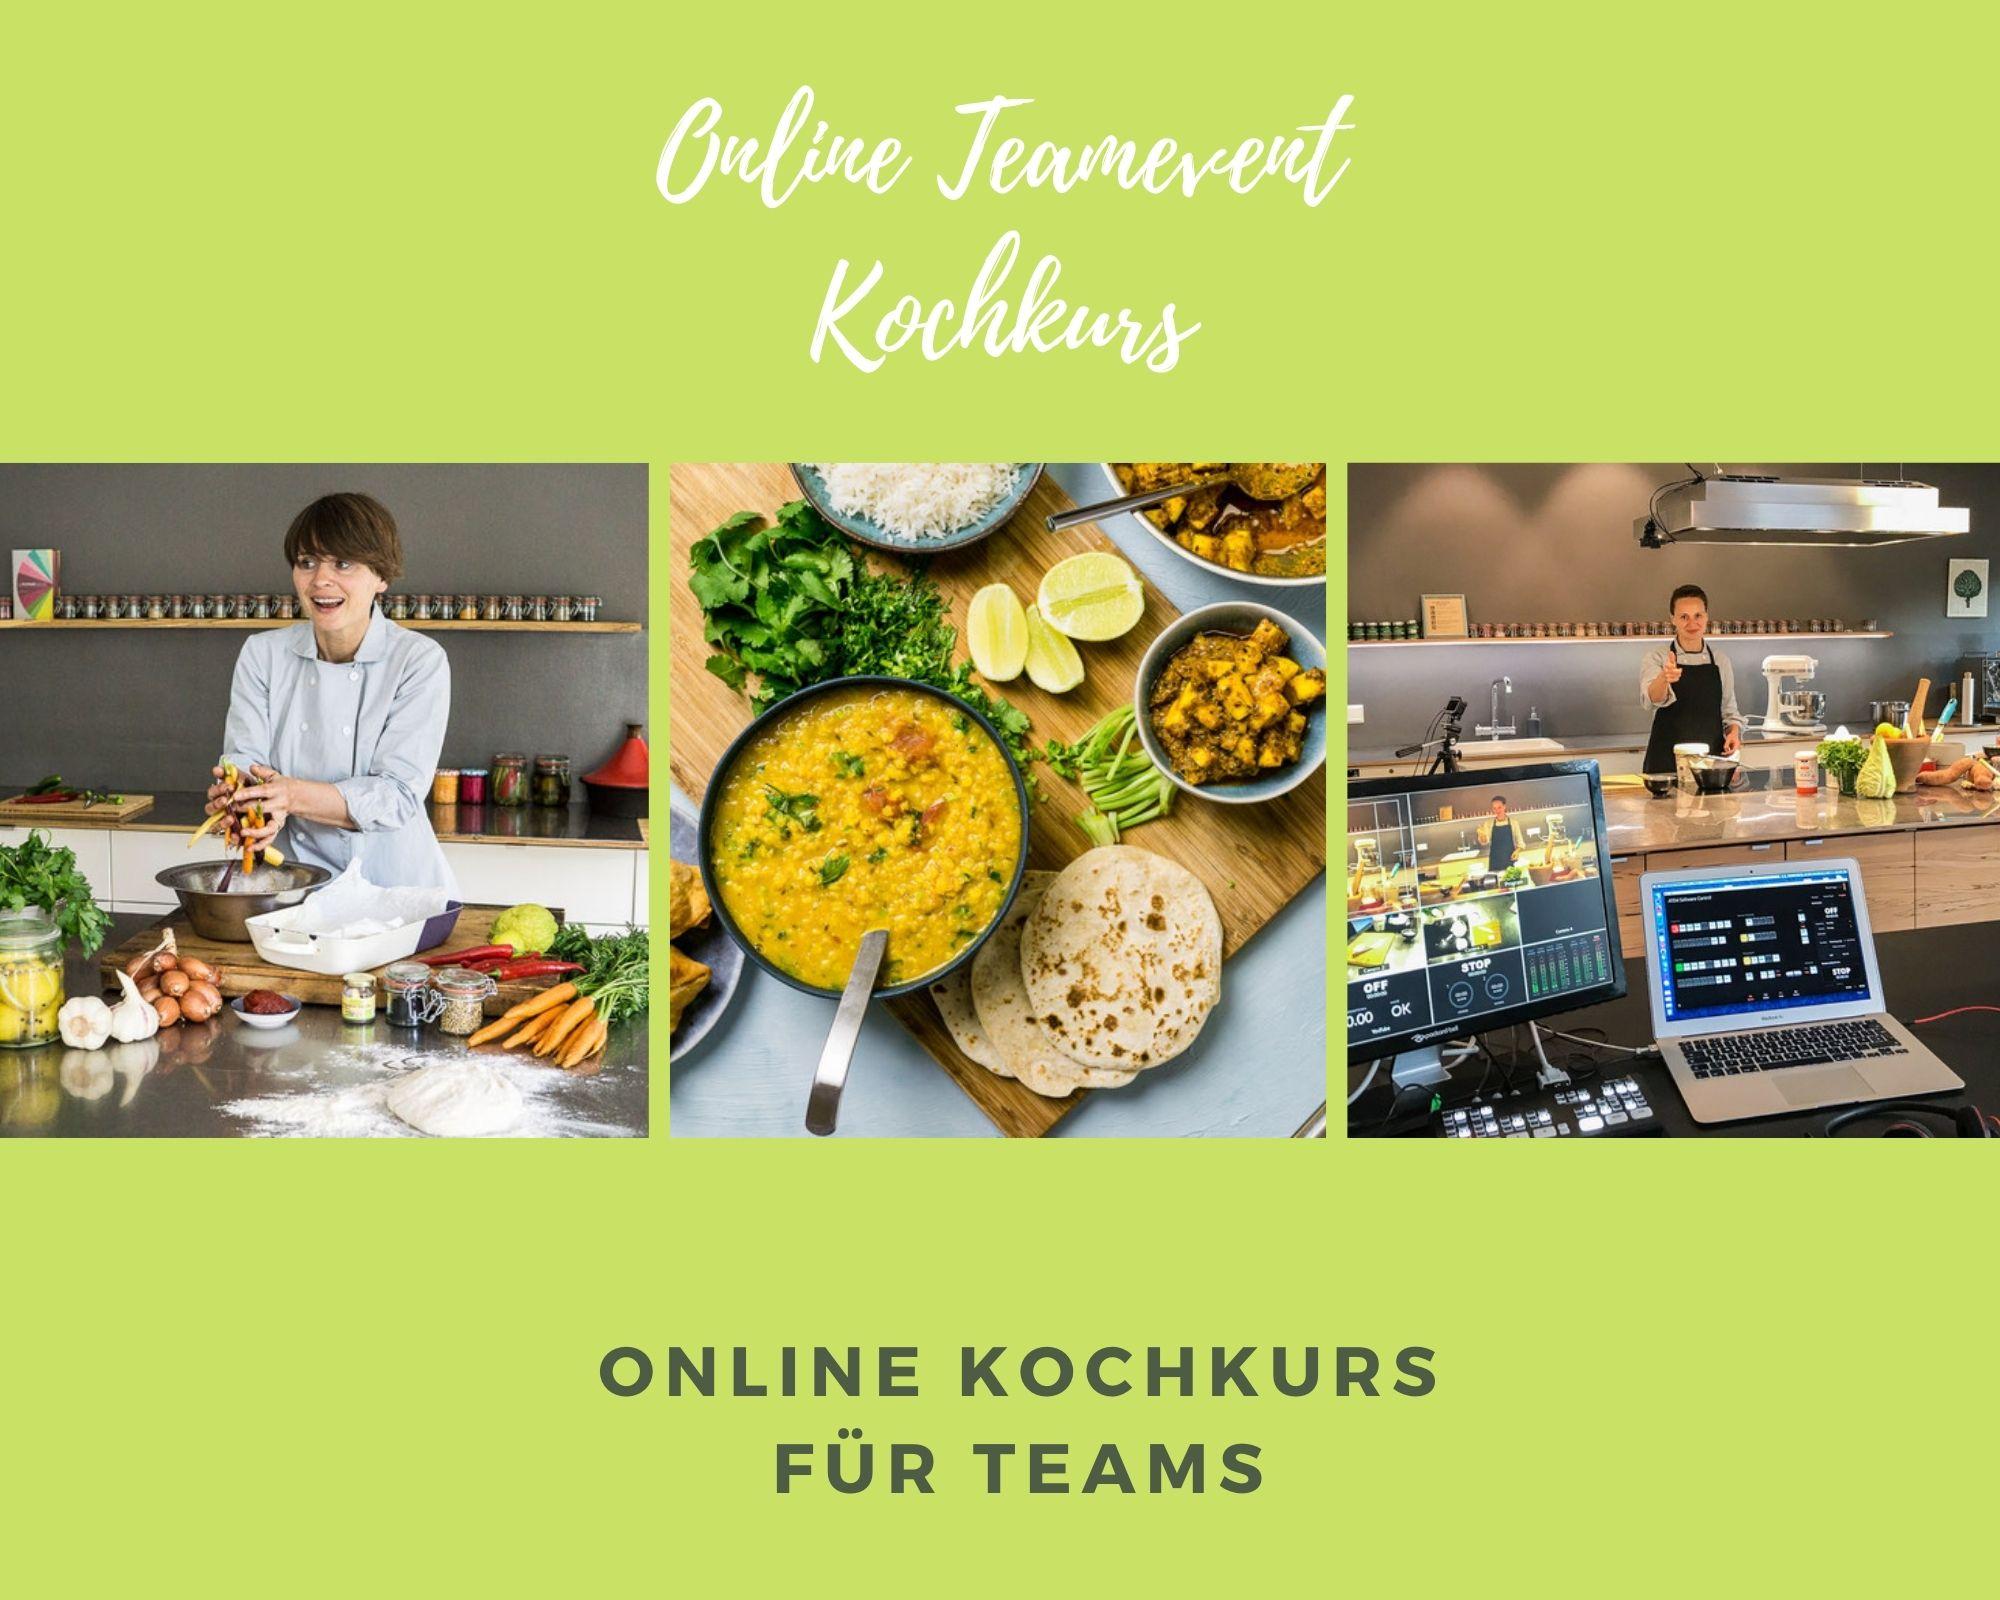 Online Teamevent Kochkurs